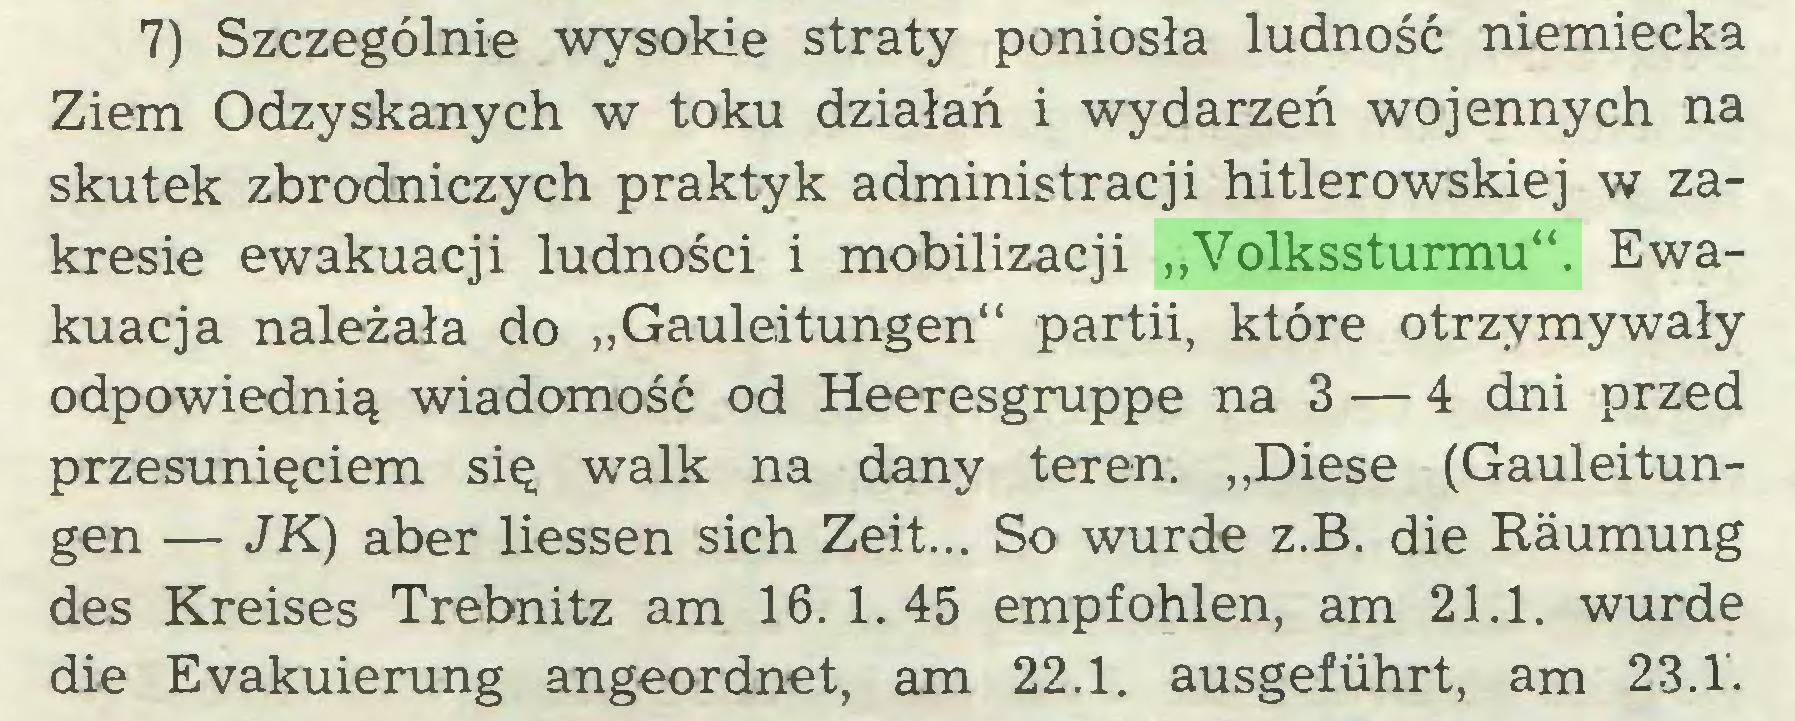 """(...) 7) Szczególnie wysokie straty poniosła ludność niemiecka Ziem Odzyskanych w toku działań i wydarzeń wojennych na skutek zbrodniczych praktyk administracji hitlerowskiej w zakresie ewakuacji ludności i mobilizacji """"Volkssturmu"""". Ewakuacja należała do """"Gauleitungen"""" partii, które otrzymywały odpowiednią wiadomość od Heeresgruppe na 3 — 4 dni przed przesunięciem się walk na dany teren. """"Diese (Gauleitungen — JK) aber Hessen sich Zeit... So wurde z.B. die Räumung des Kreises Trebnitz am 16.1.45 empfohlen, am 21.1. wurde die Evakuierung angeordnet, am 22.1. ausgeführt, am 23.1..."""